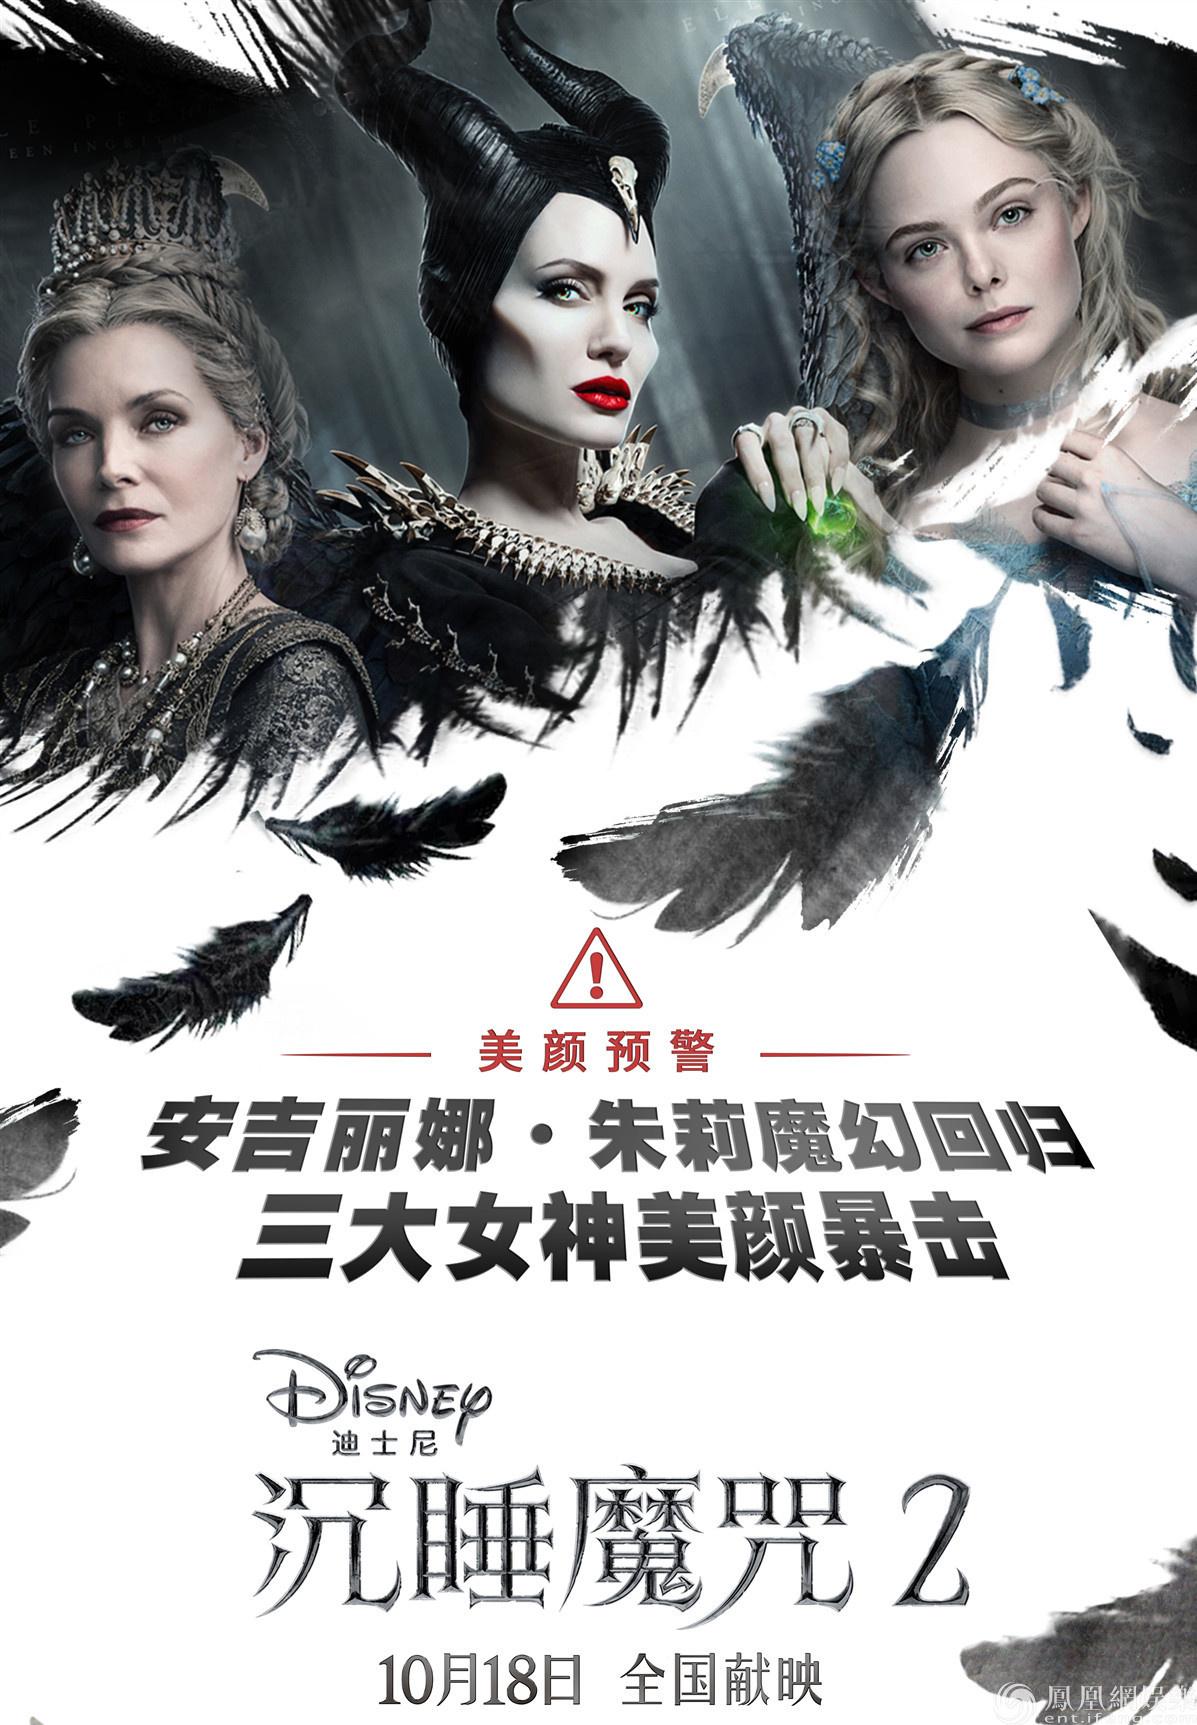 《沉睡魔咒2》本周上映  高能看点华丽纷呈